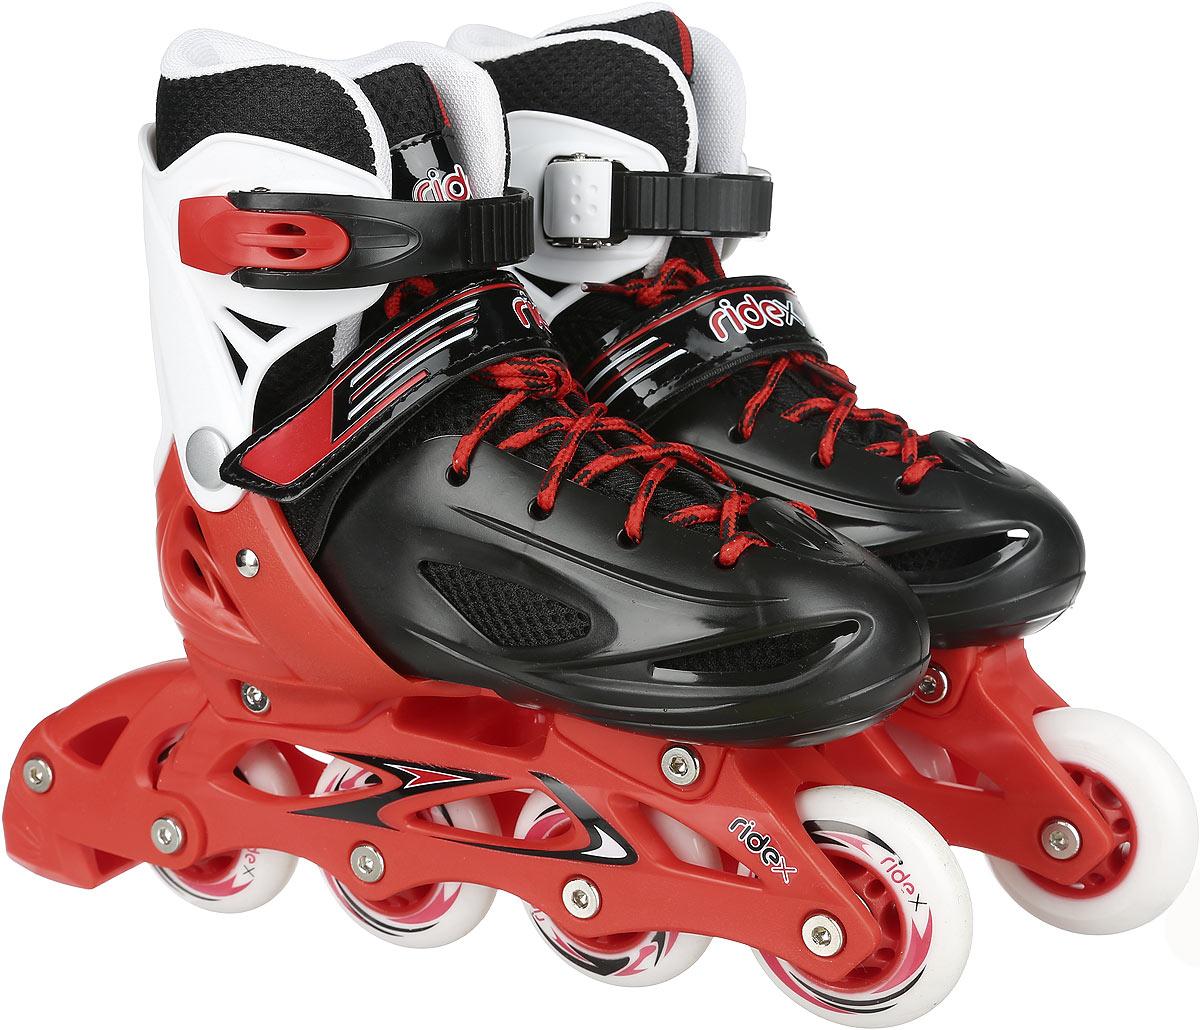 Коньки роликовые Ridex Rocky, раздвижные, цвет: черный, красный, белый. УТ-00008098. Размер 38/41